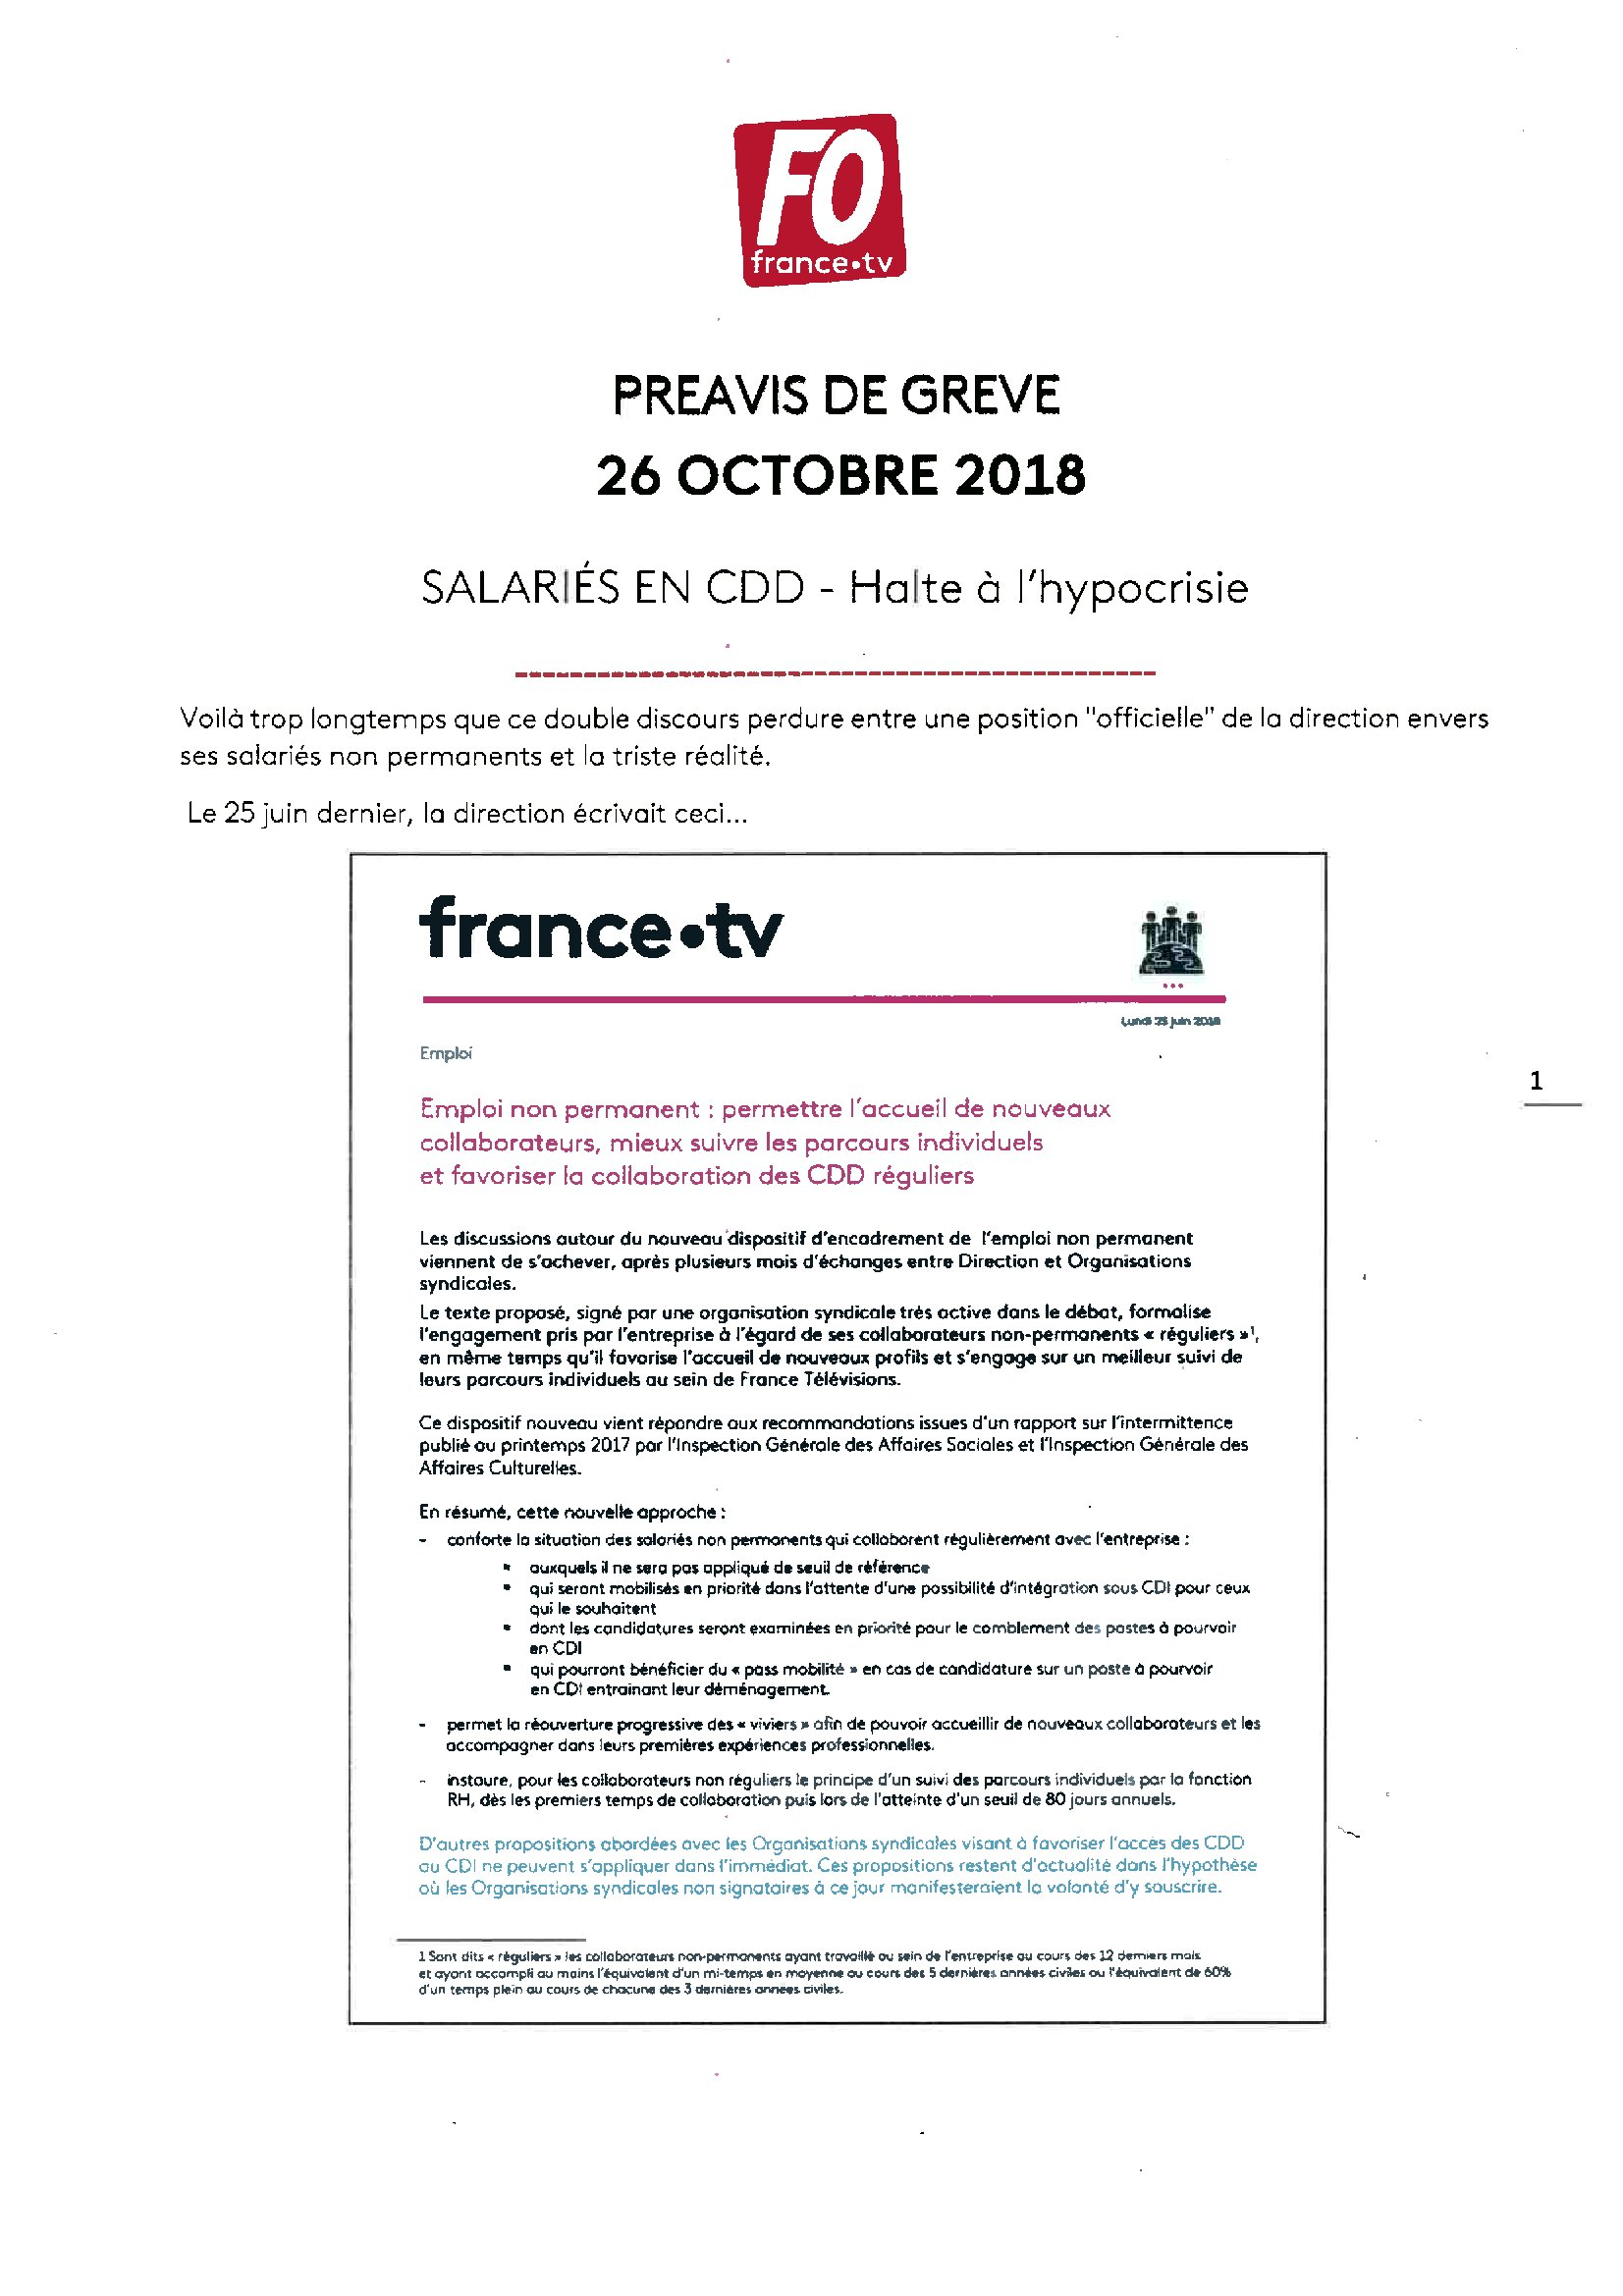 Preavis De Greve Fo Salaries En Cdd Pour Le 26 Octobre 2018 000